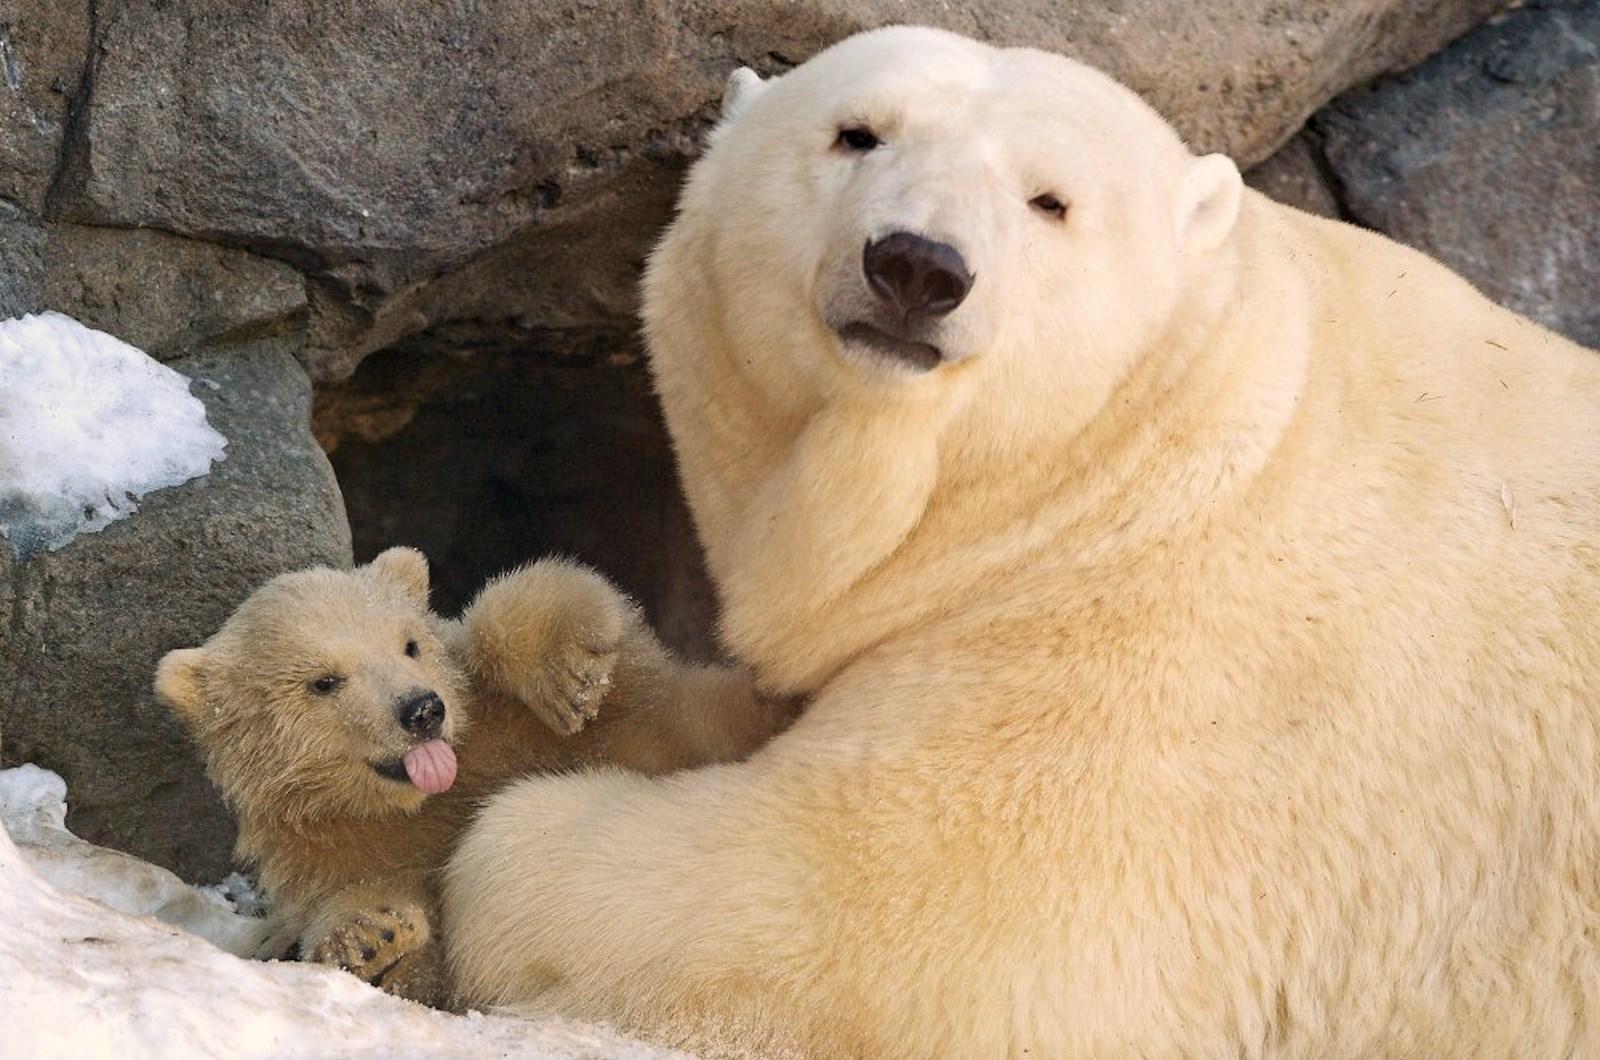 00 Polar bear cubs. Moscow Zoopark 03. Russia. 26.02.15